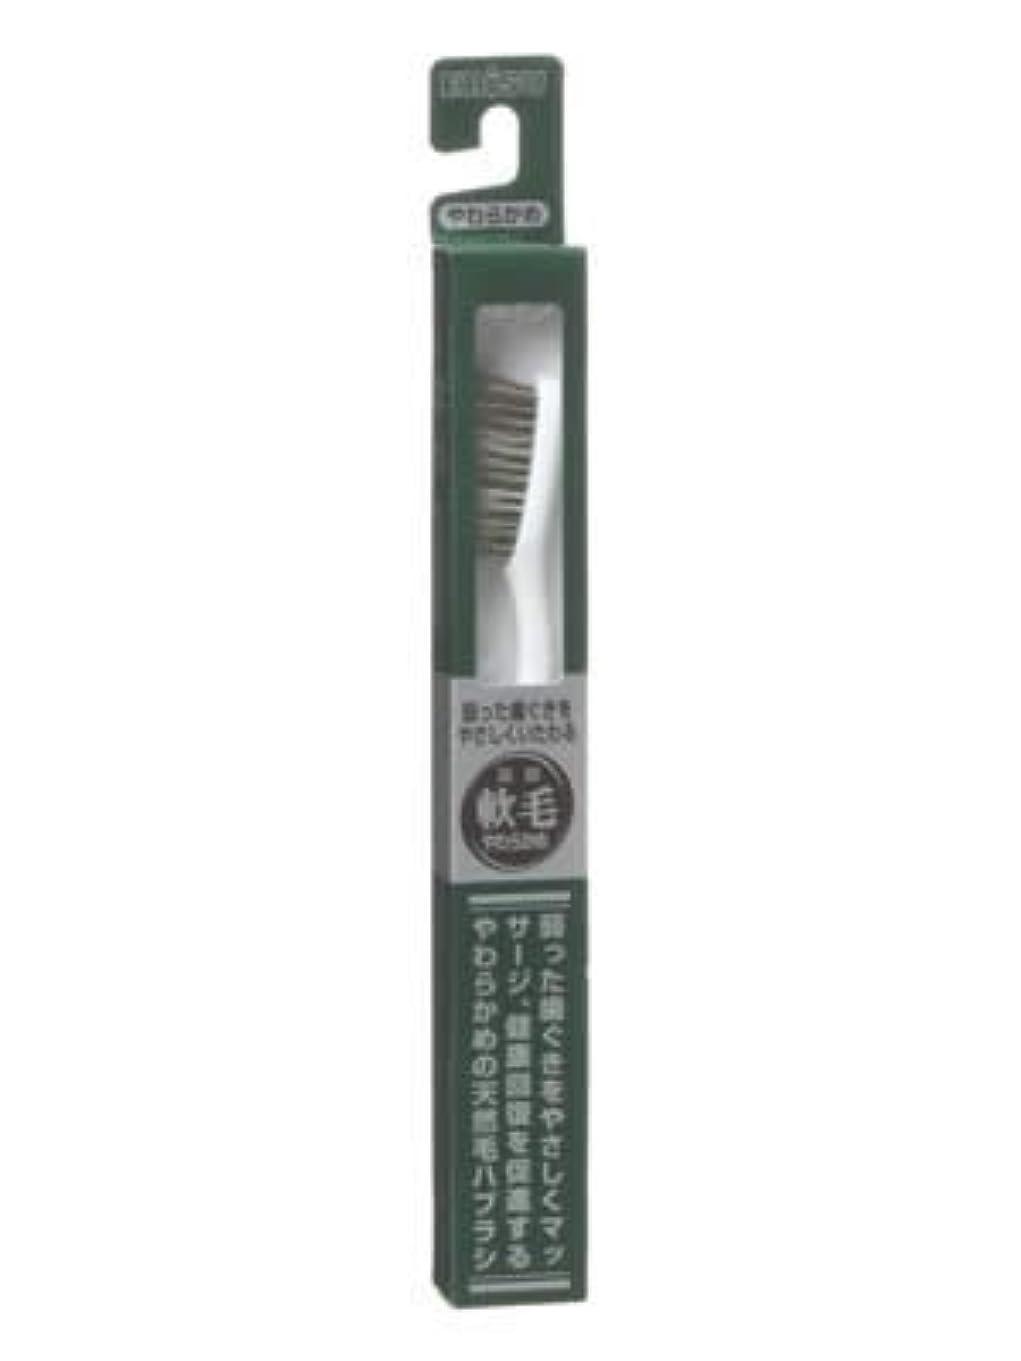 エビス 天然毛軟毛歯ブラシ350 やわらかめ ×10個セット